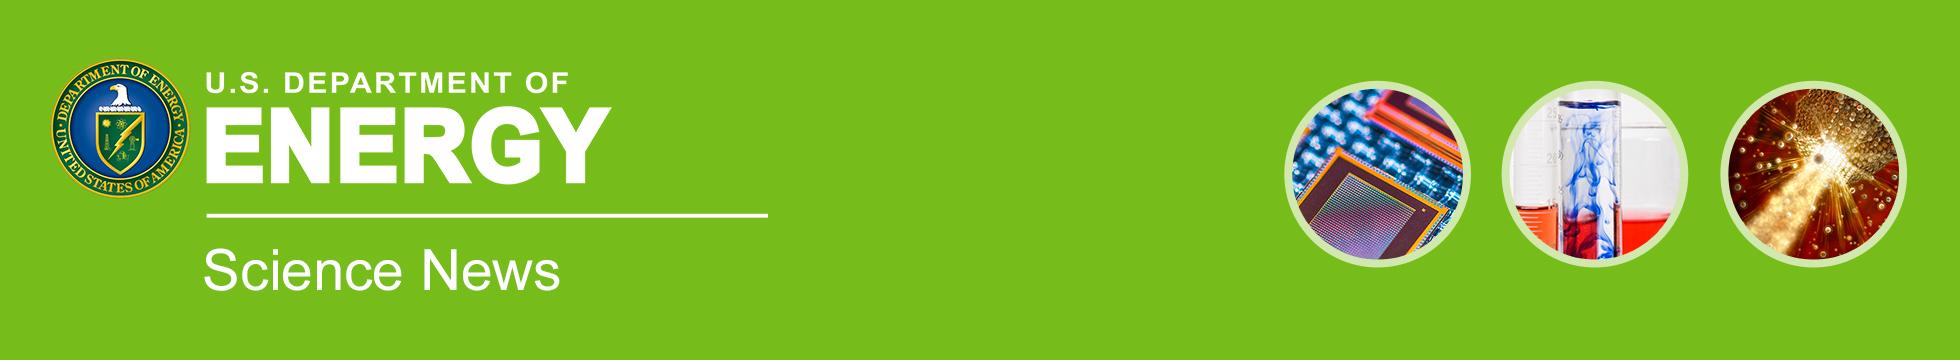 Header Image - Desktop